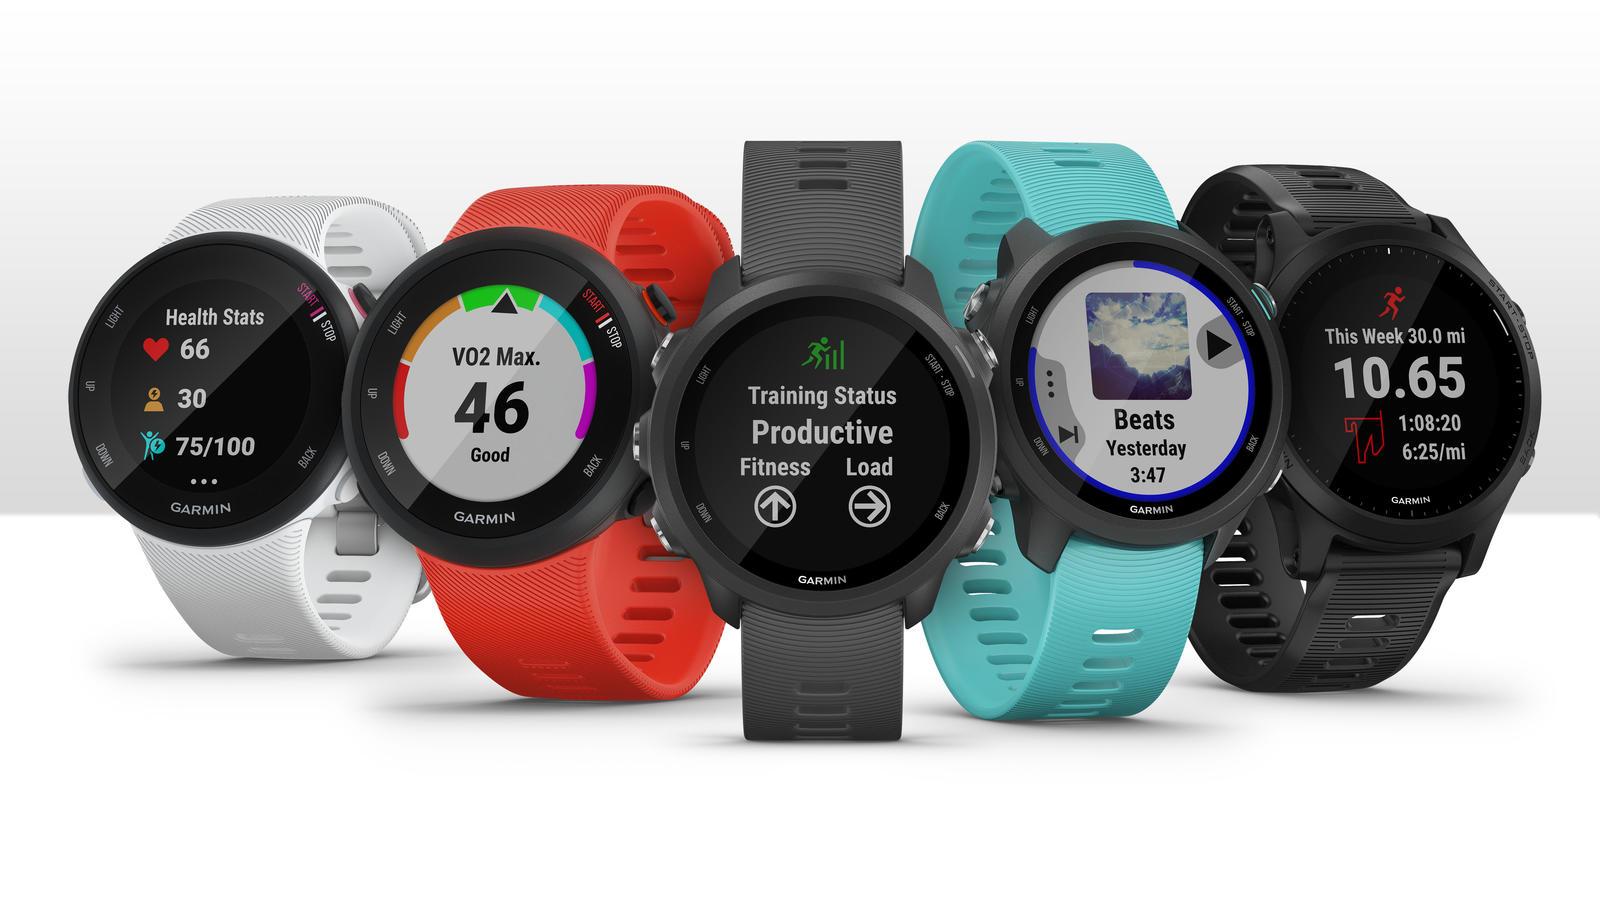 Garmin zaprezentował pięć nowych smartwatchy z serii Forerunner 22